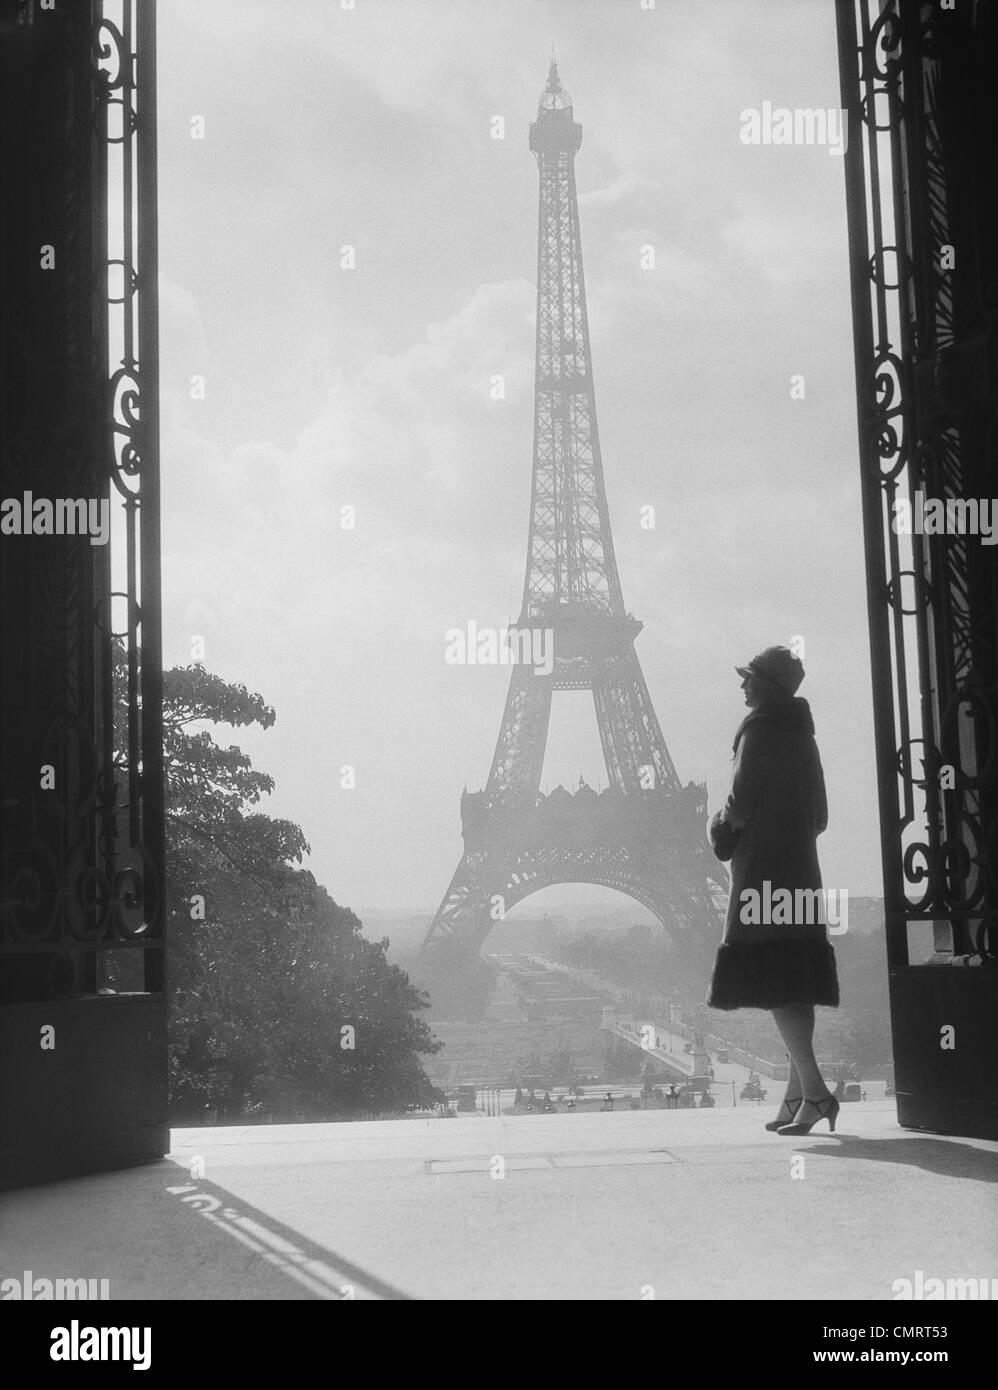 Années 1920 Années 1930 MOODY SILHOUETTÉ WOMAN STANDING IN PARIS TROCADERO EN REGARDANT VERS LA TOUR Photo Stock